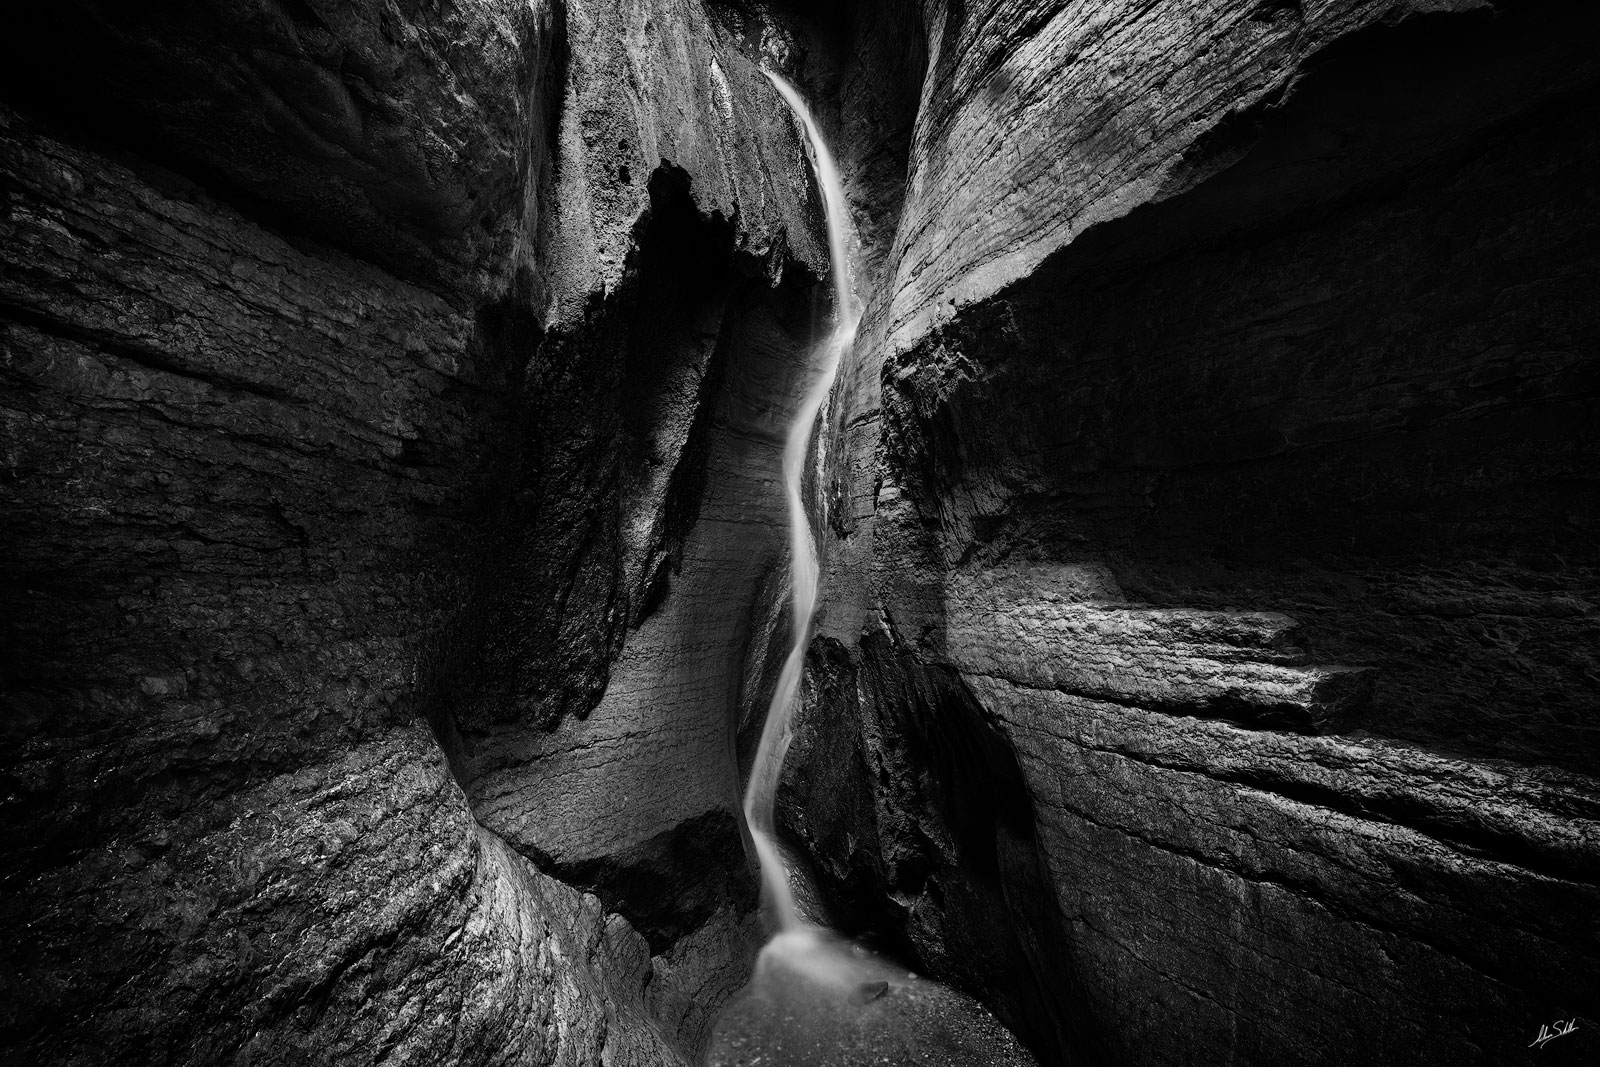 AZ, Arizona, Below the Rim, Colorado River, Grand Canyon, Grand Canyon National Park, National Park, River Trip, Saddle Canyon, Waterfall, Waterfalls, photo